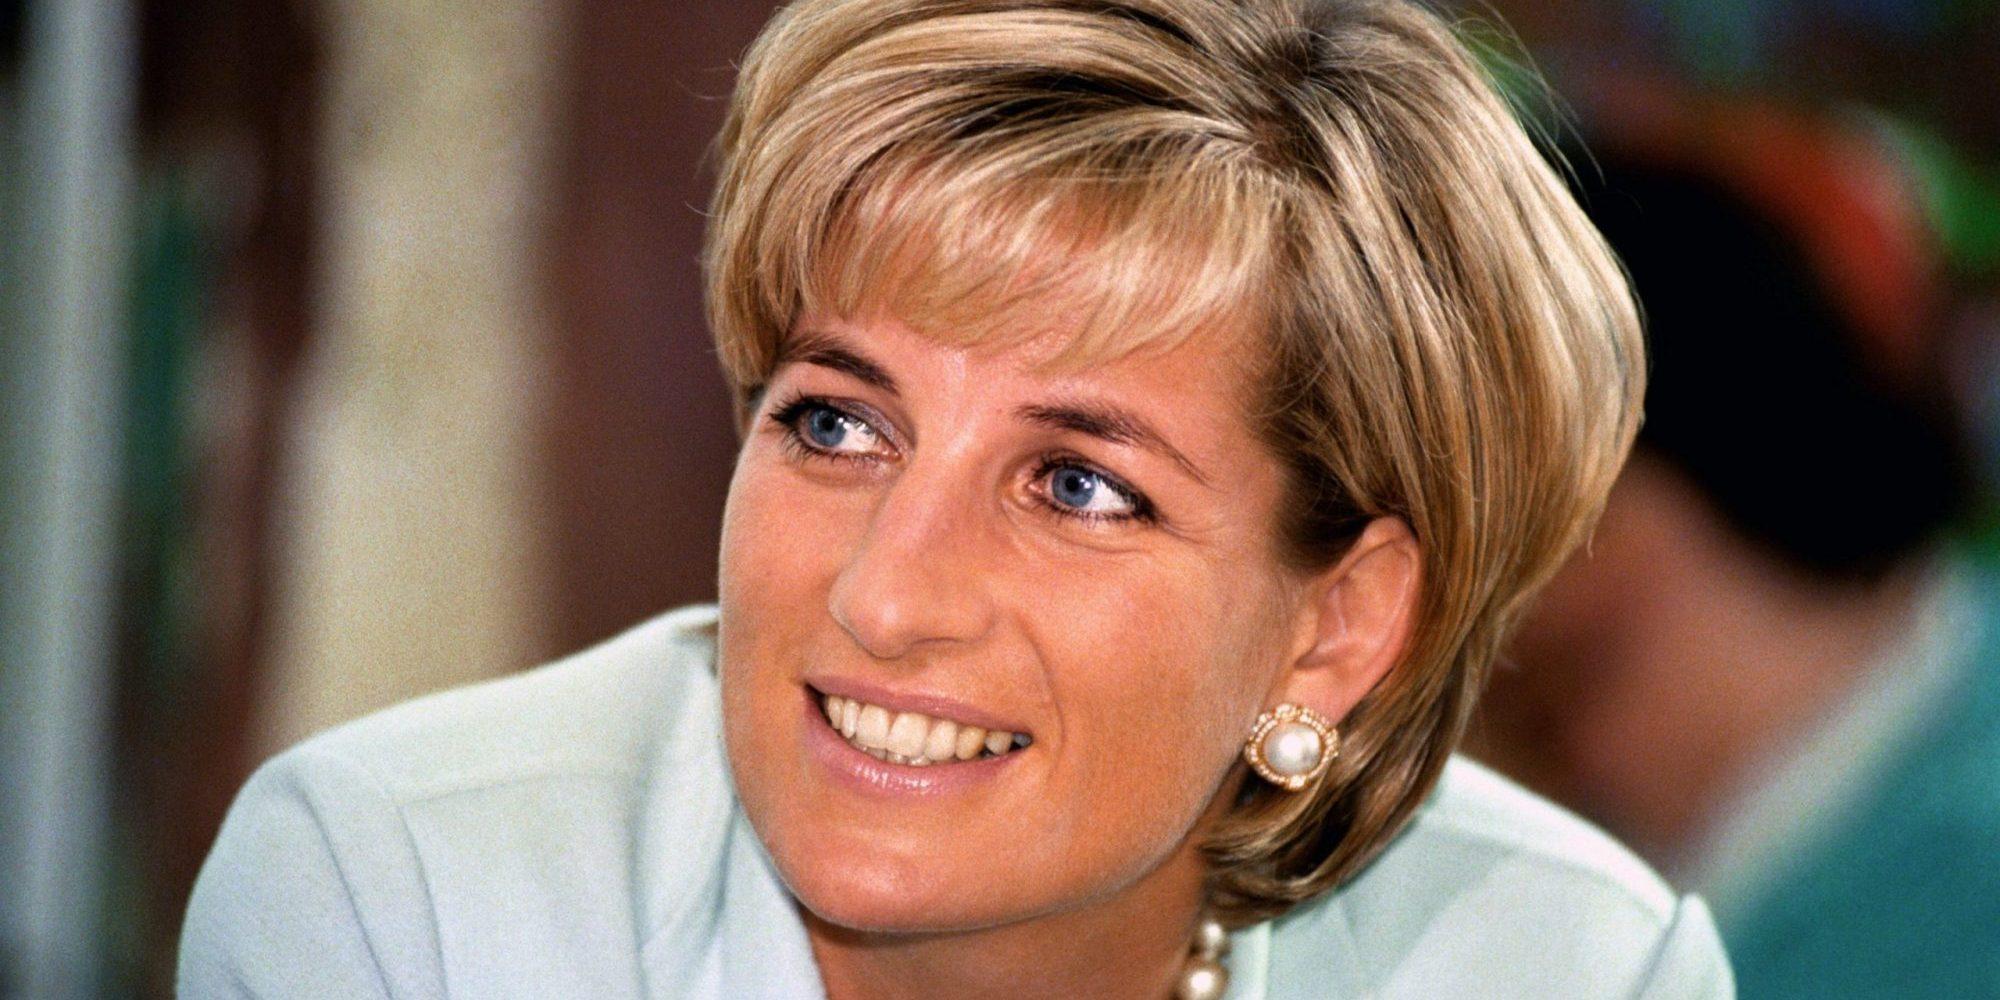 Πριγκίπισσα Νταϊάνα: Γιατί δεν ήθελε να γιορτάζει ποτέ τα γενέθλιά της;